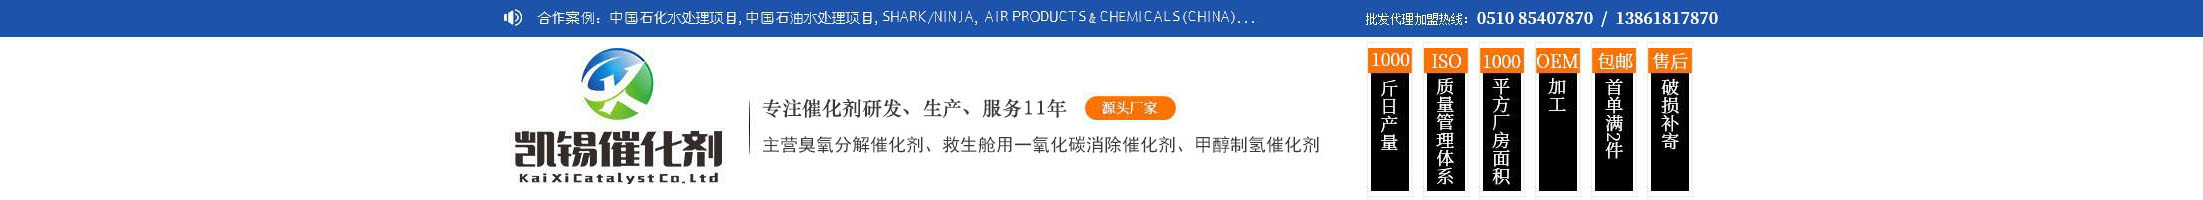 无锡凯锡催化剂有限公司